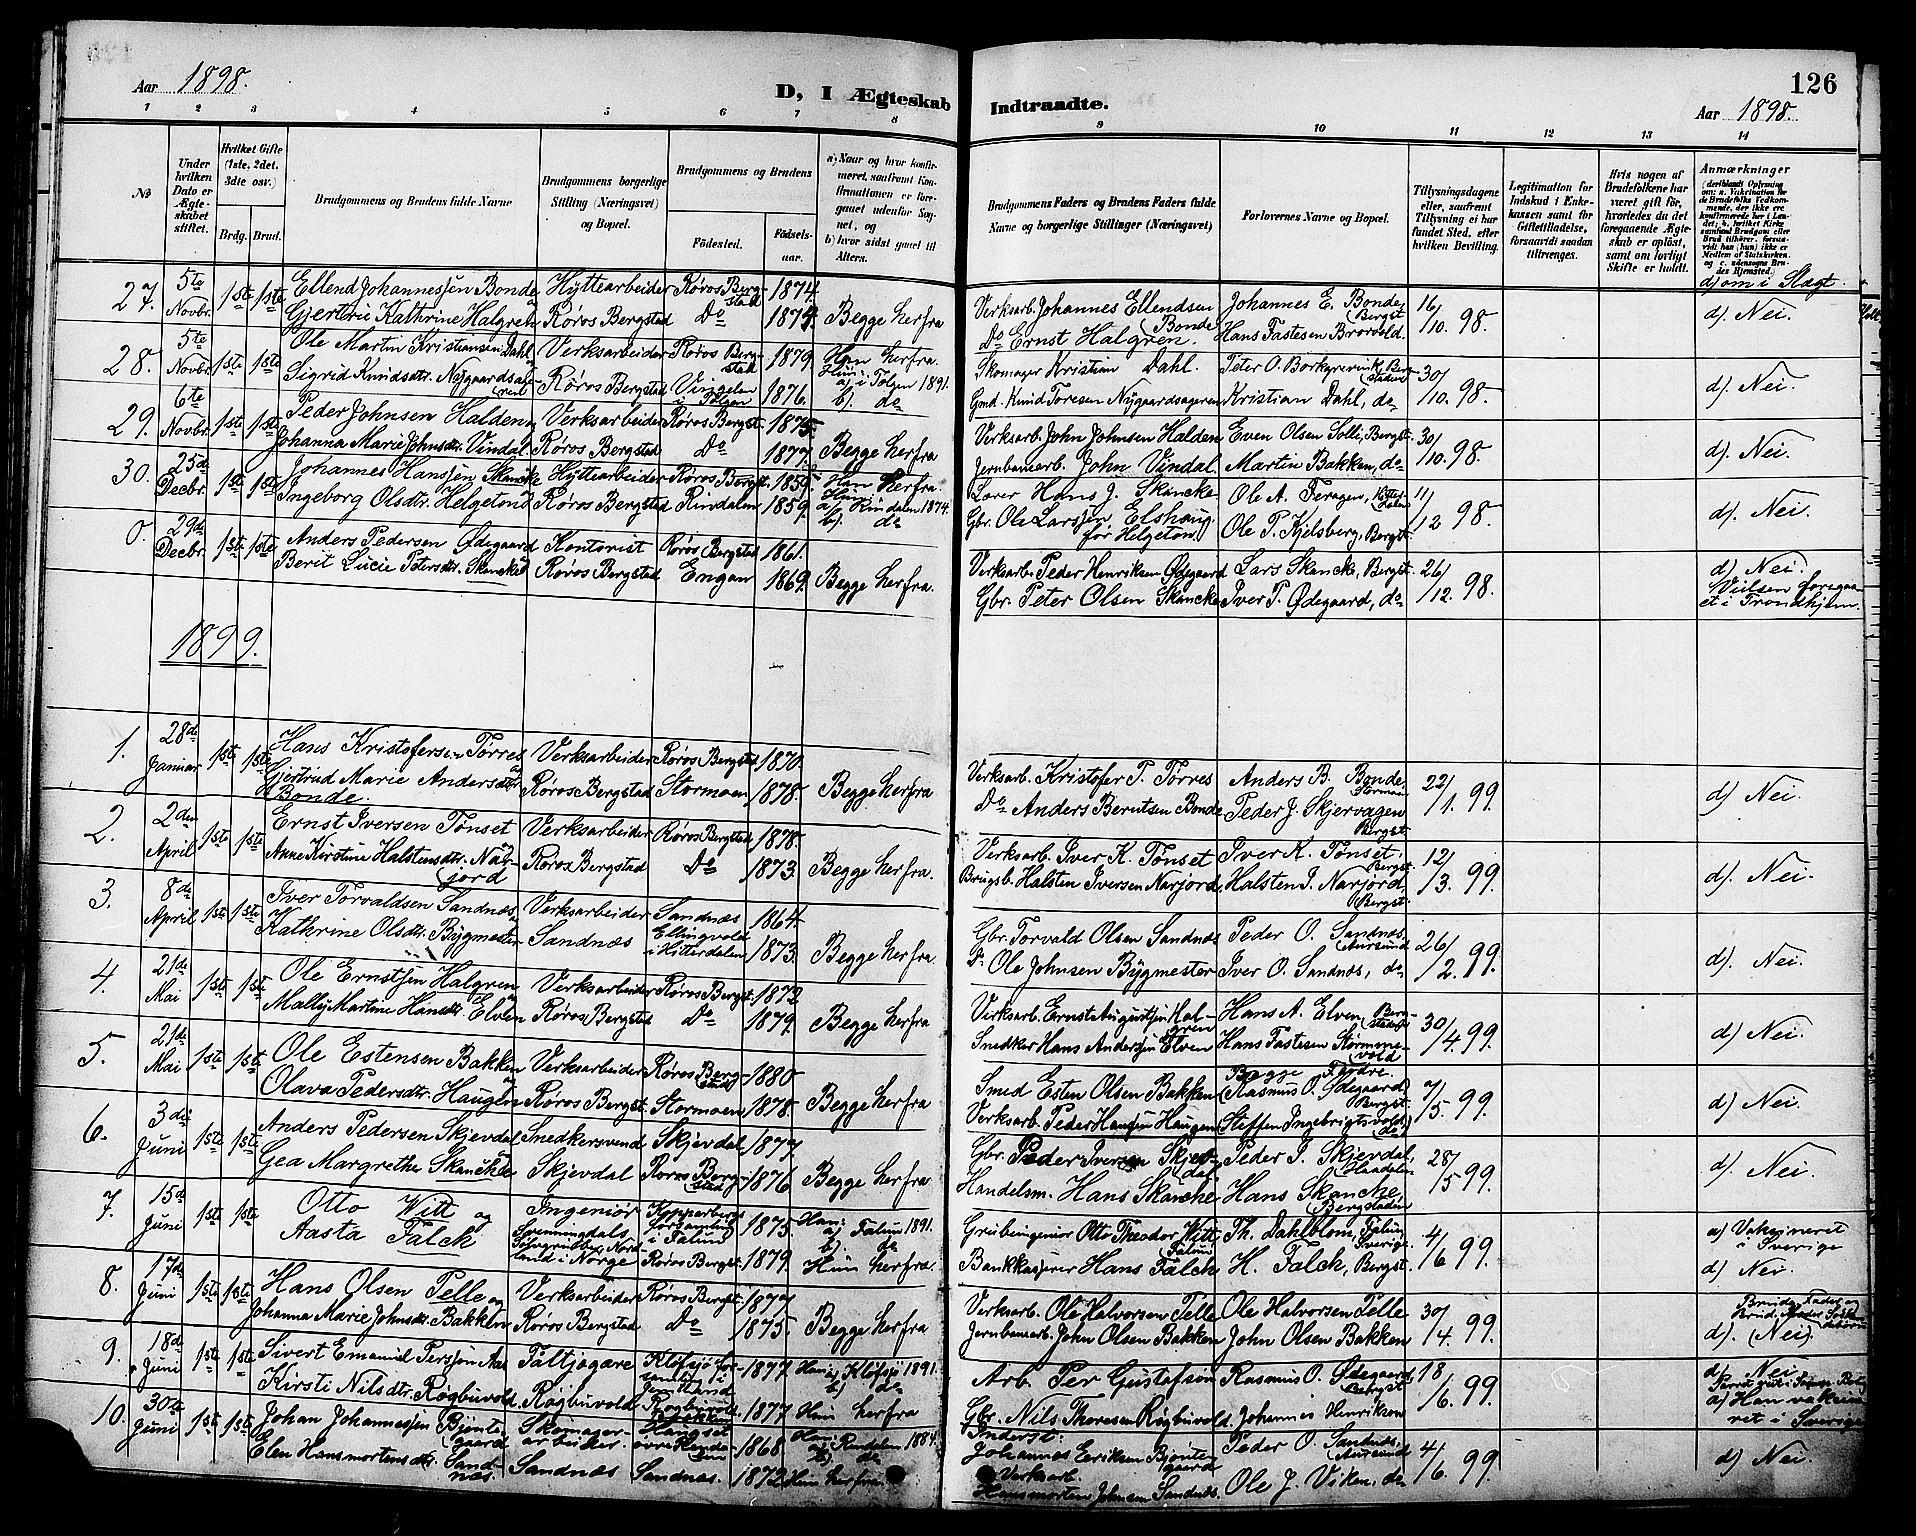 SAT, Ministerialprotokoller, klokkerbøker og fødselsregistre - Sør-Trøndelag, 681/L0941: Klokkerbok nr. 681C05, 1896-1905, s. 126